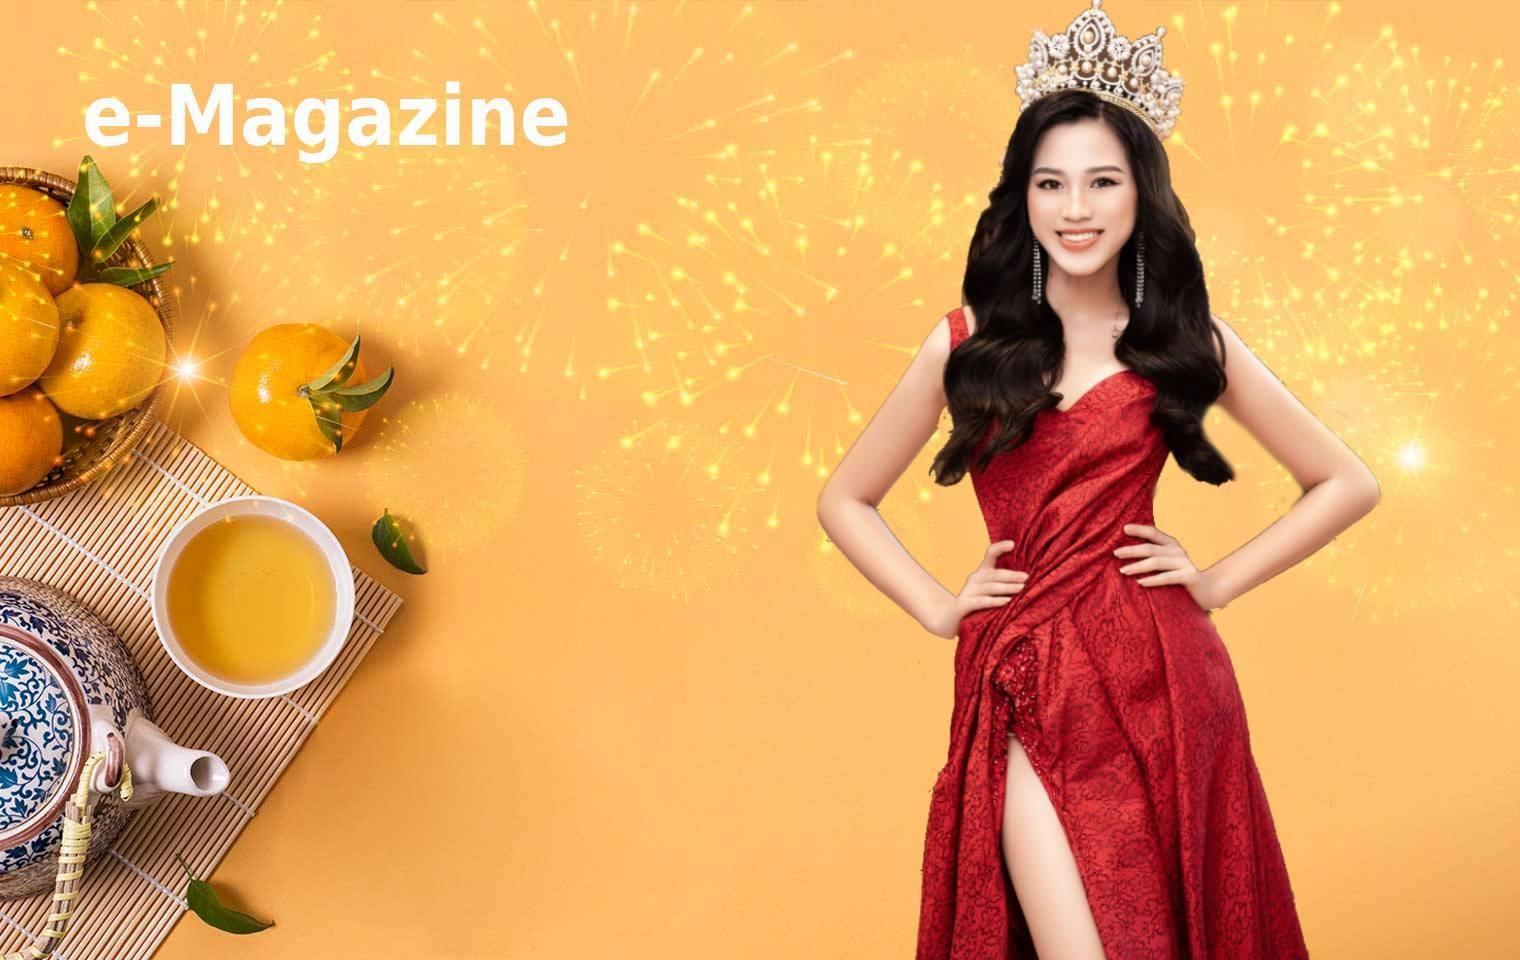 e-Magazine: Hoa hậu Đỗ Thị Hà: Tết là để… ở bên gia đình